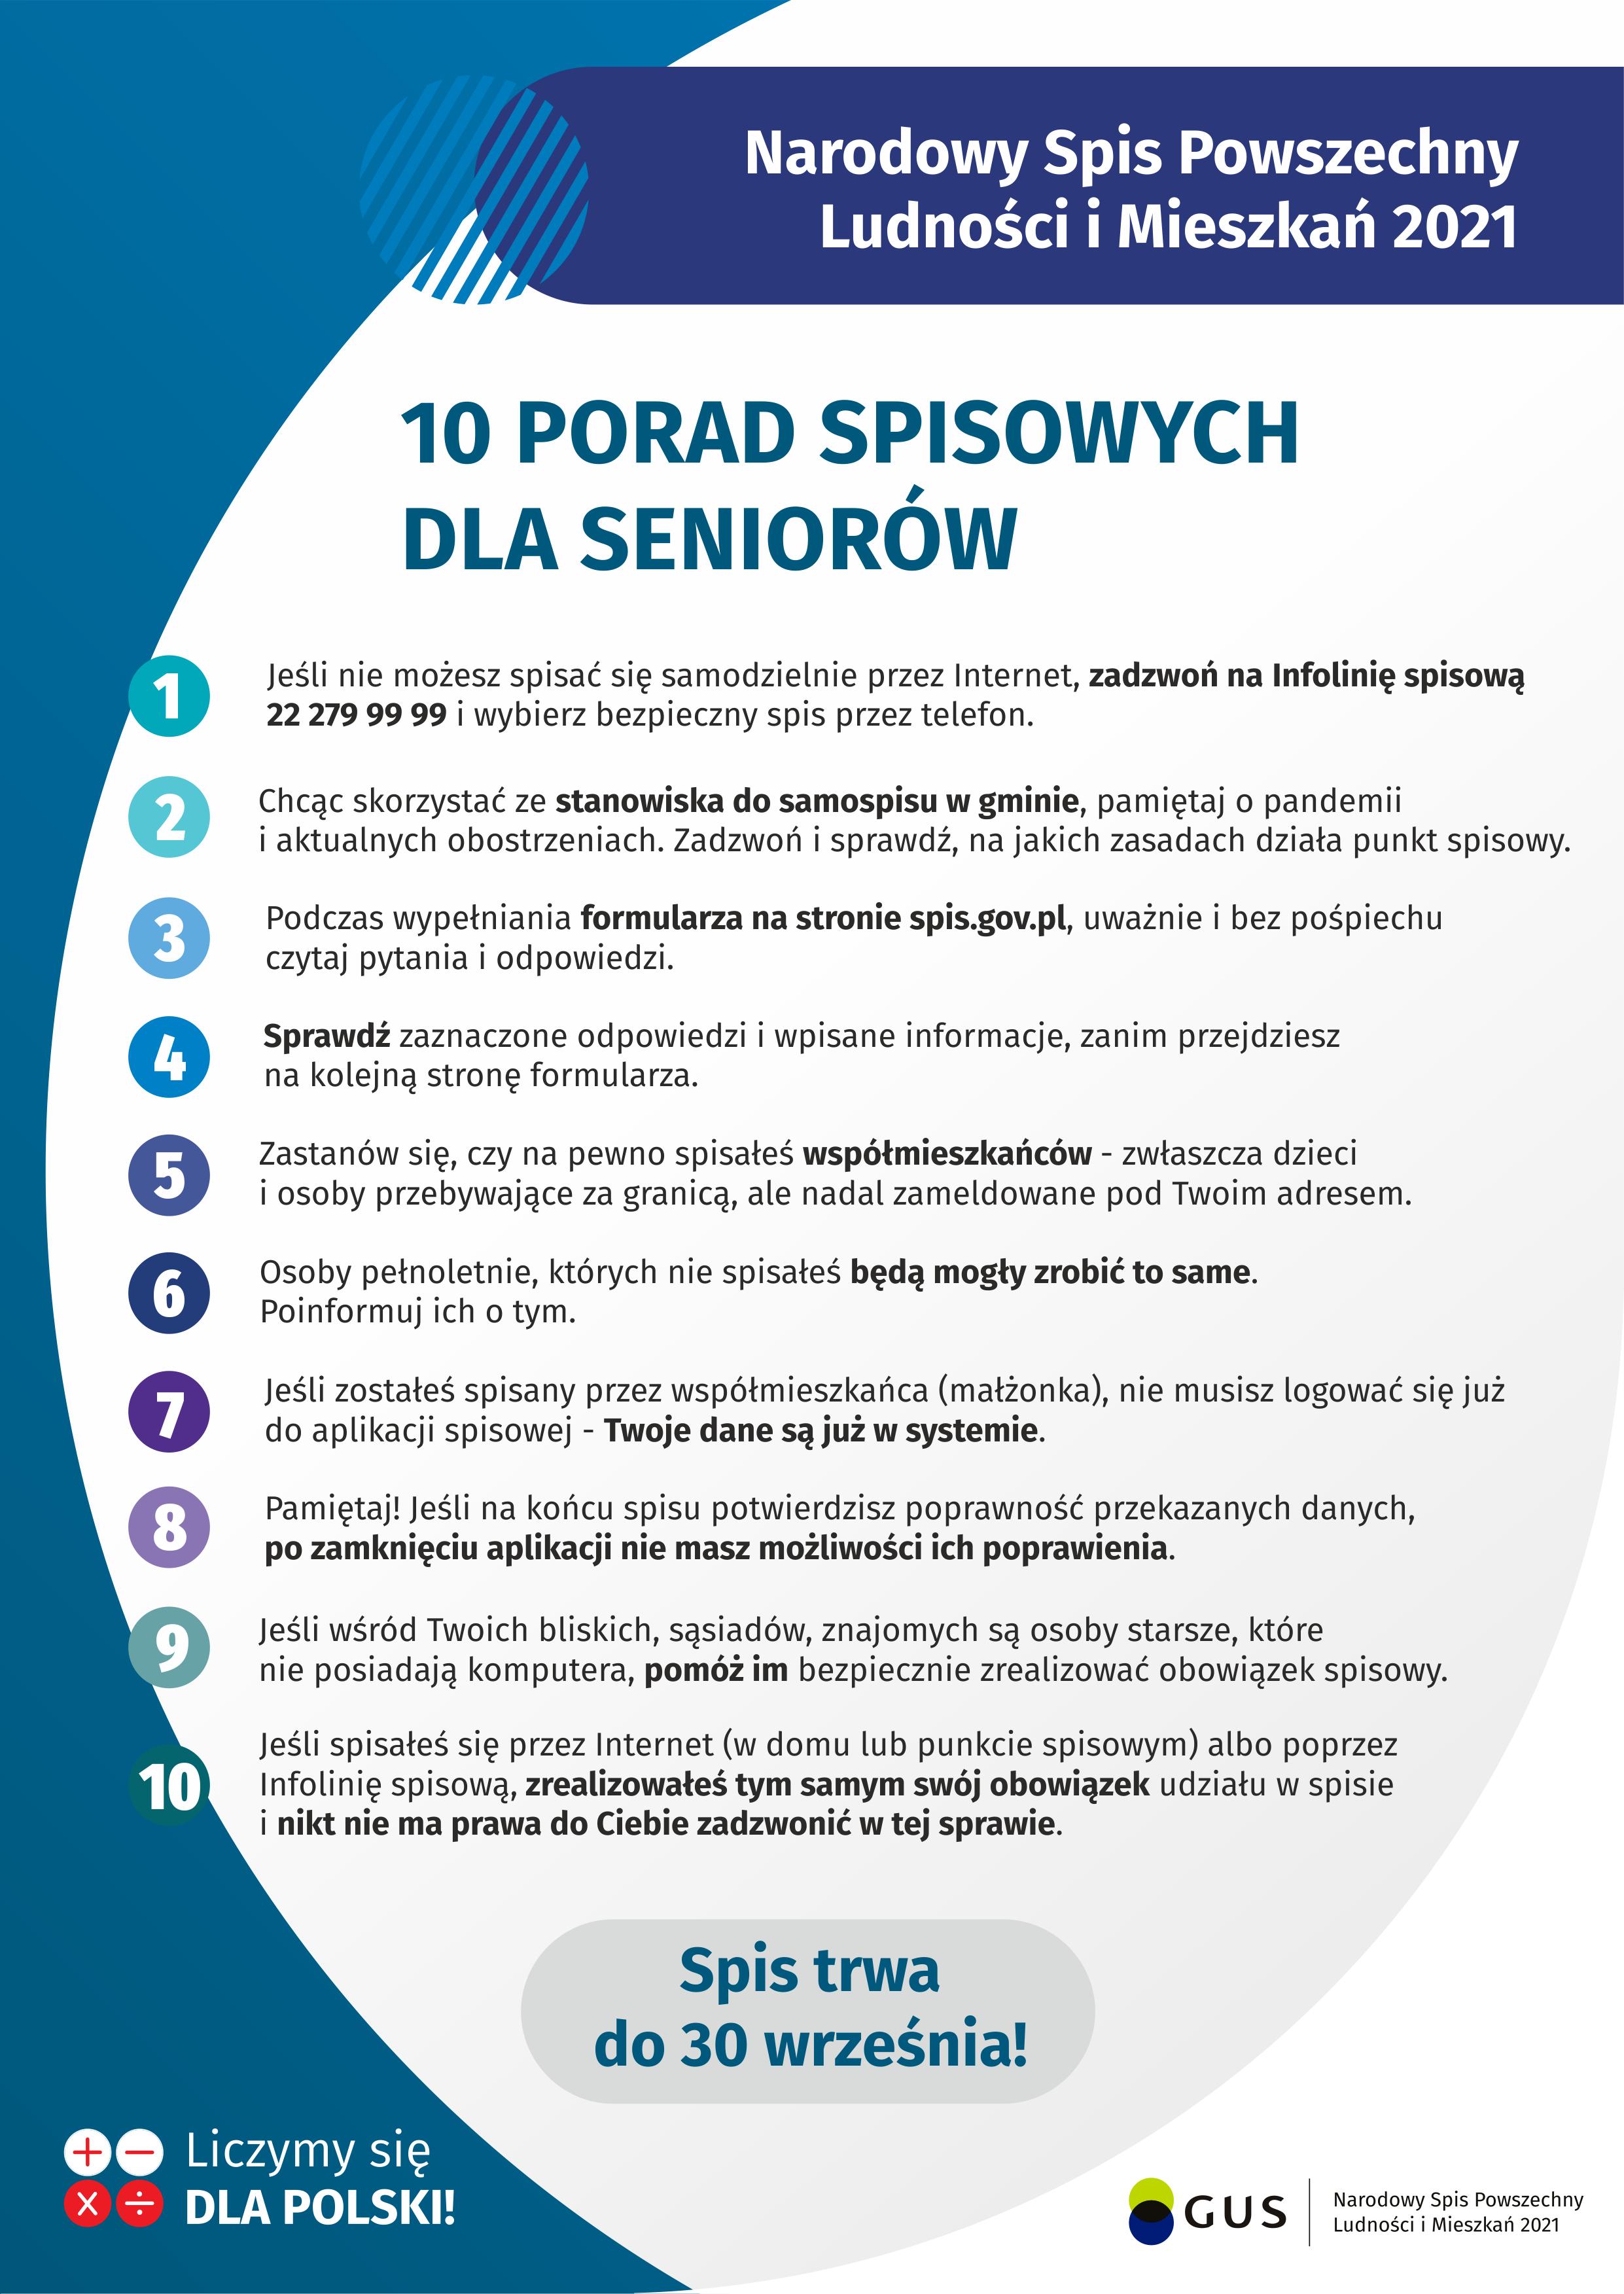 Ilustracja. 10 porad spisowych dla seniorów NSP2021